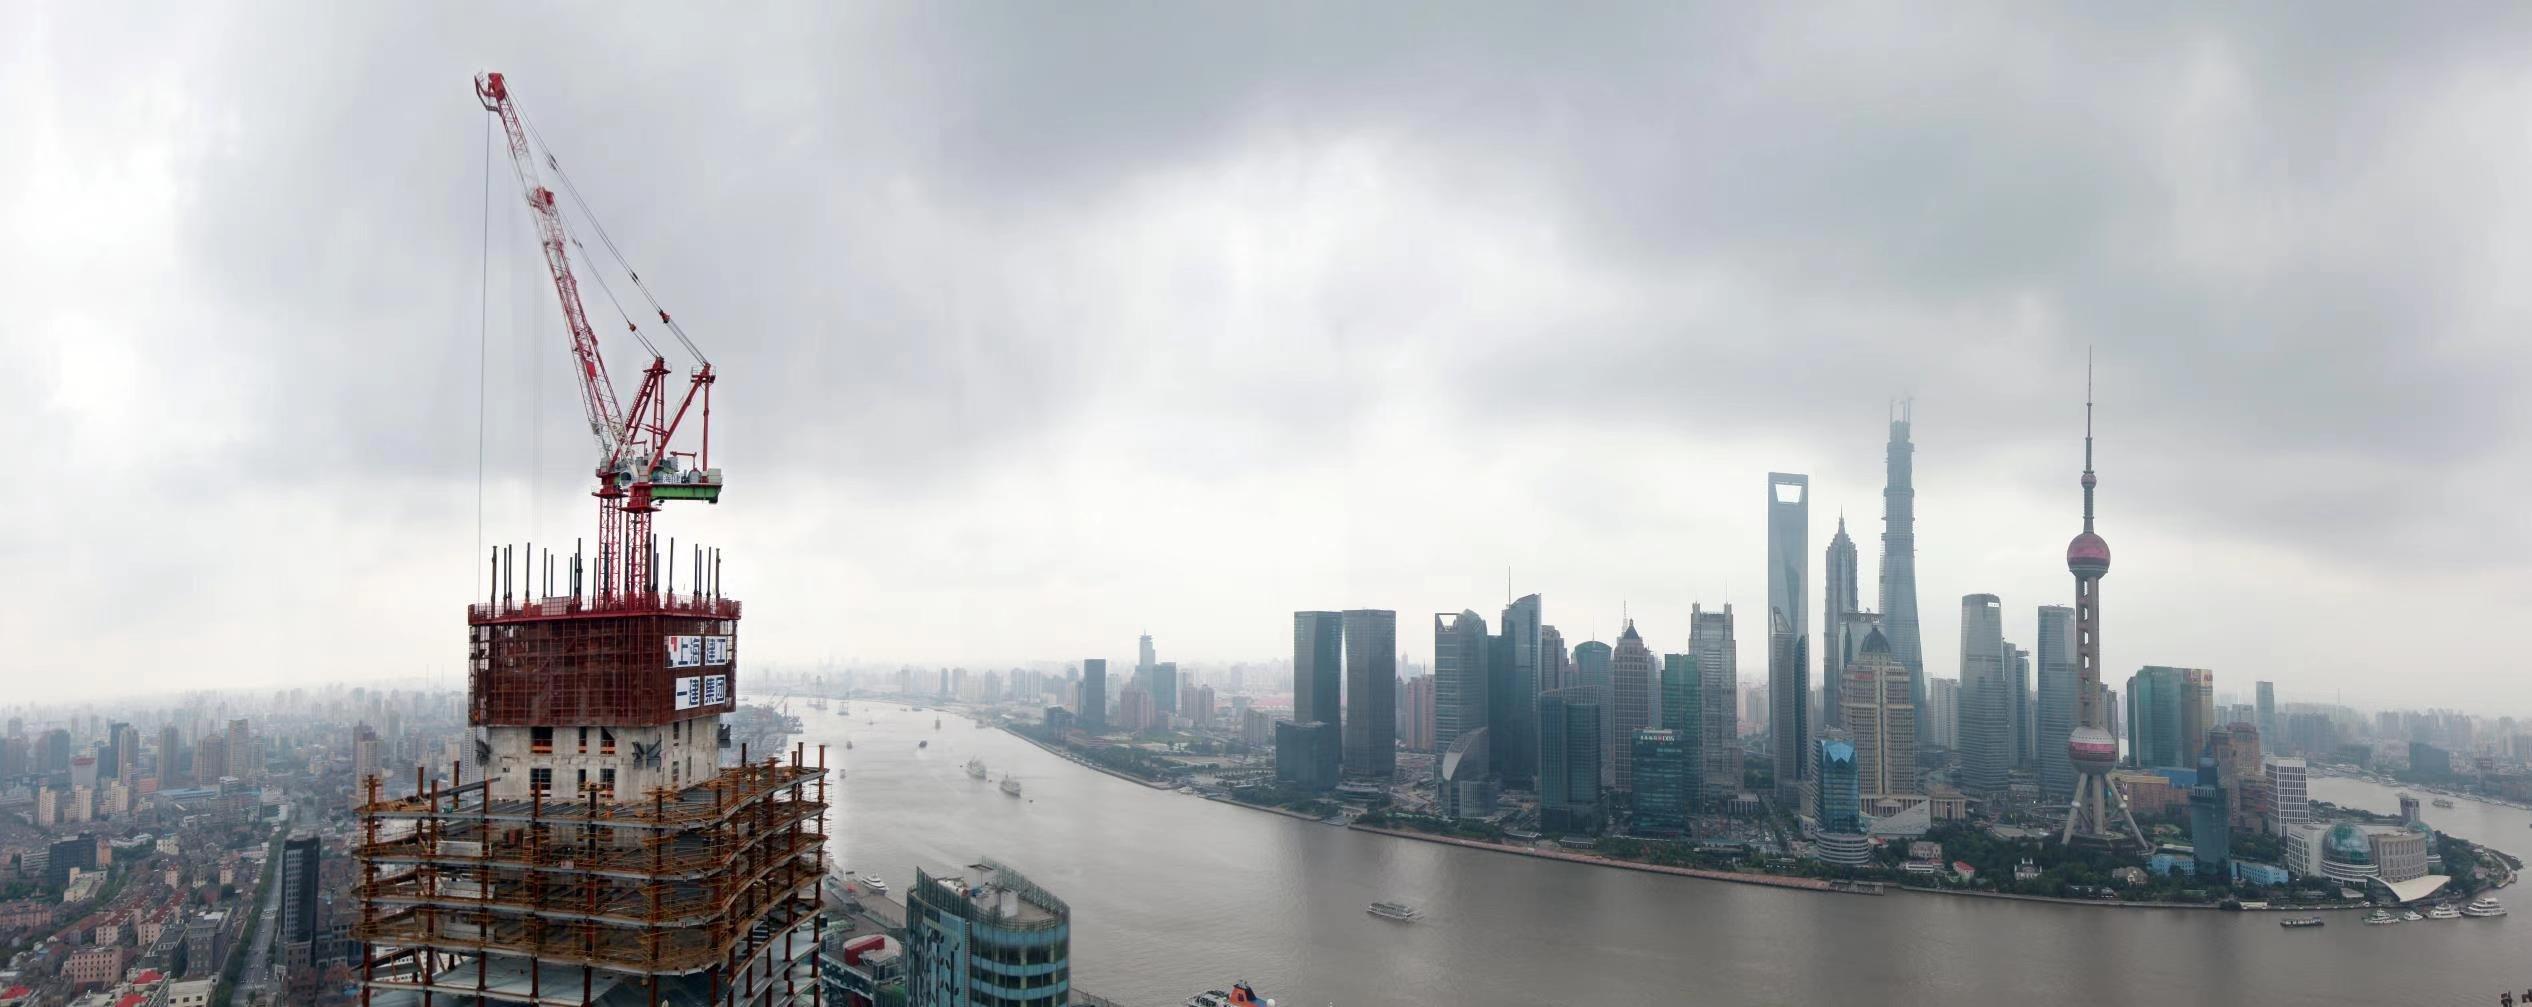 达丰设备(2153.HK)塔机服务第一股启动招股,长期受益于行业的发展机遇